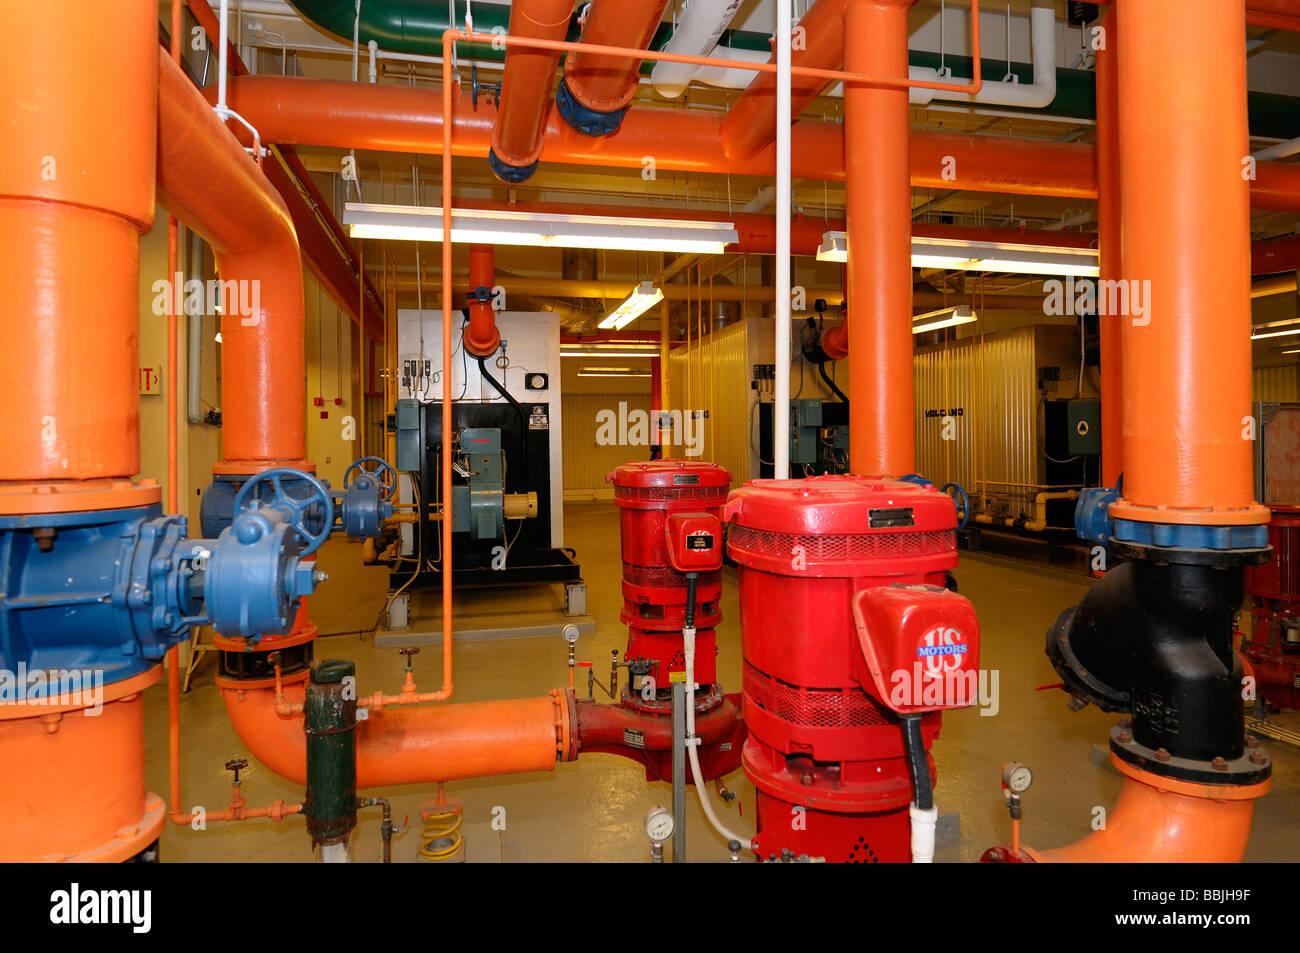 Fila de hornos y tuberías de agua caliente pintada de color naranja en la sala de caldera de un edificio de Imagen De Stock